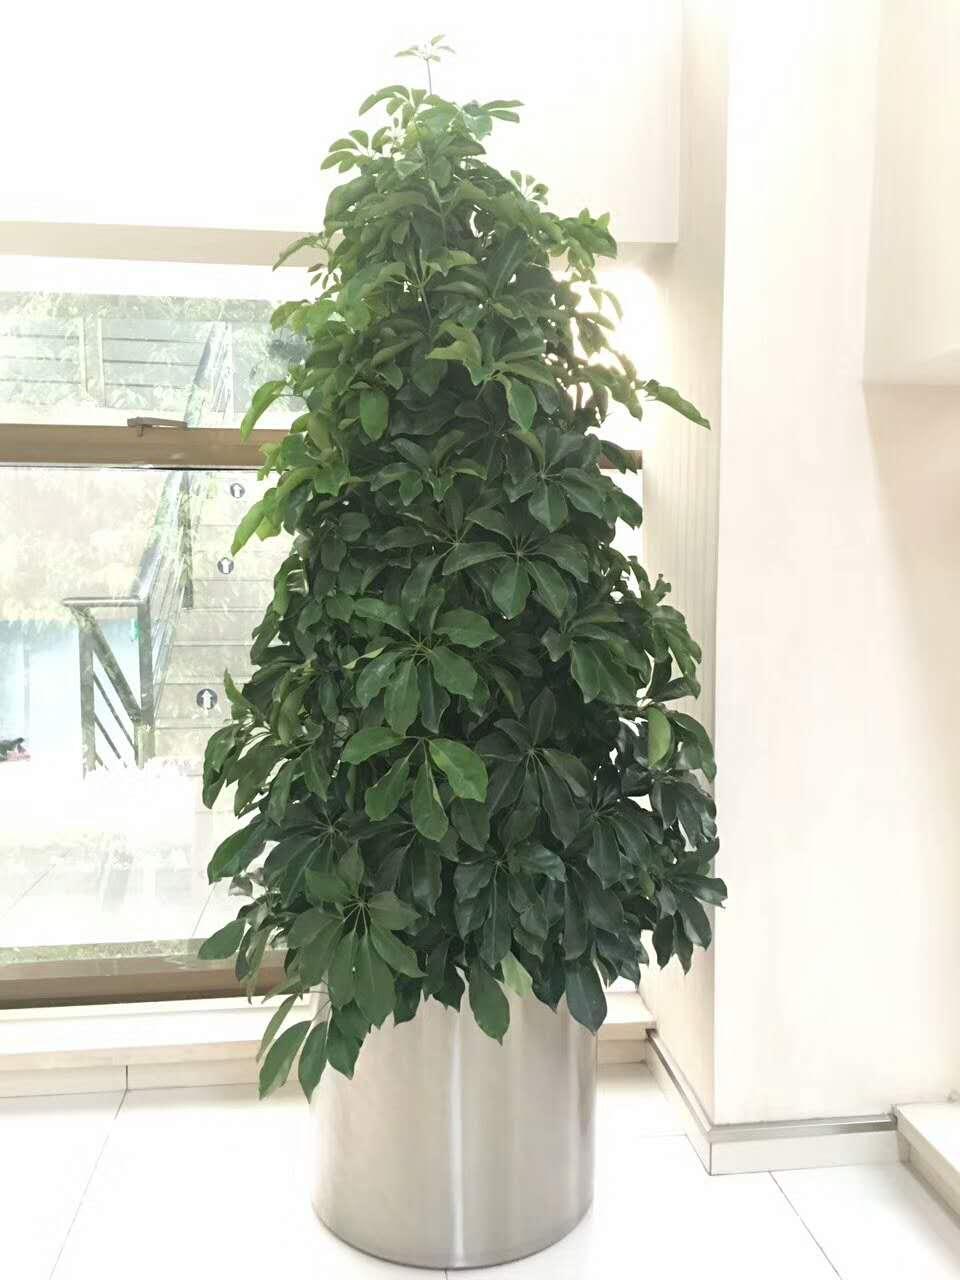 大量供应优惠的盆栽|沂南哪里有卖盆栽的